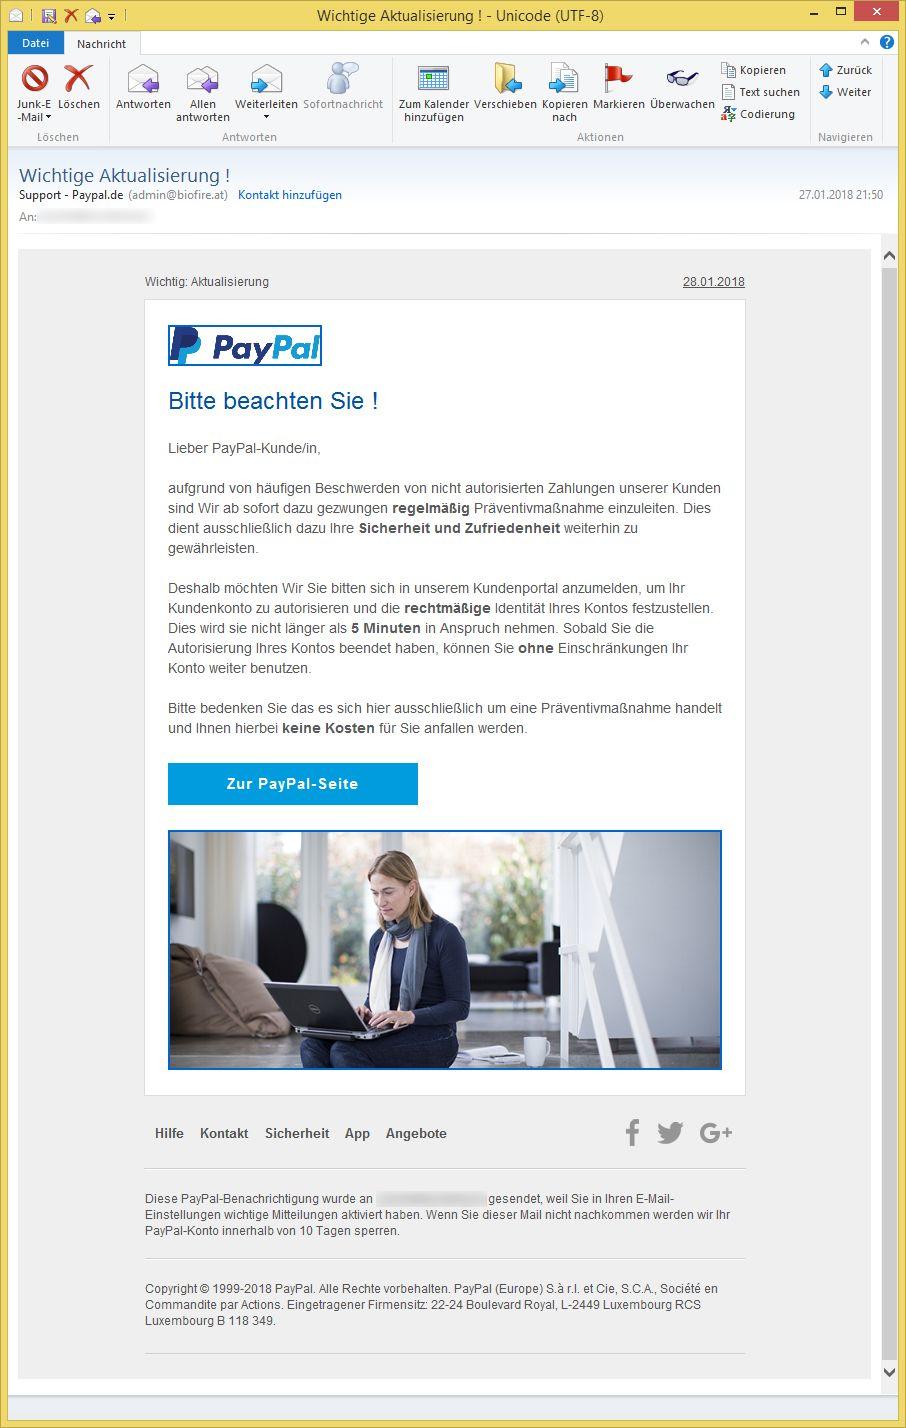 paypal support deutsch